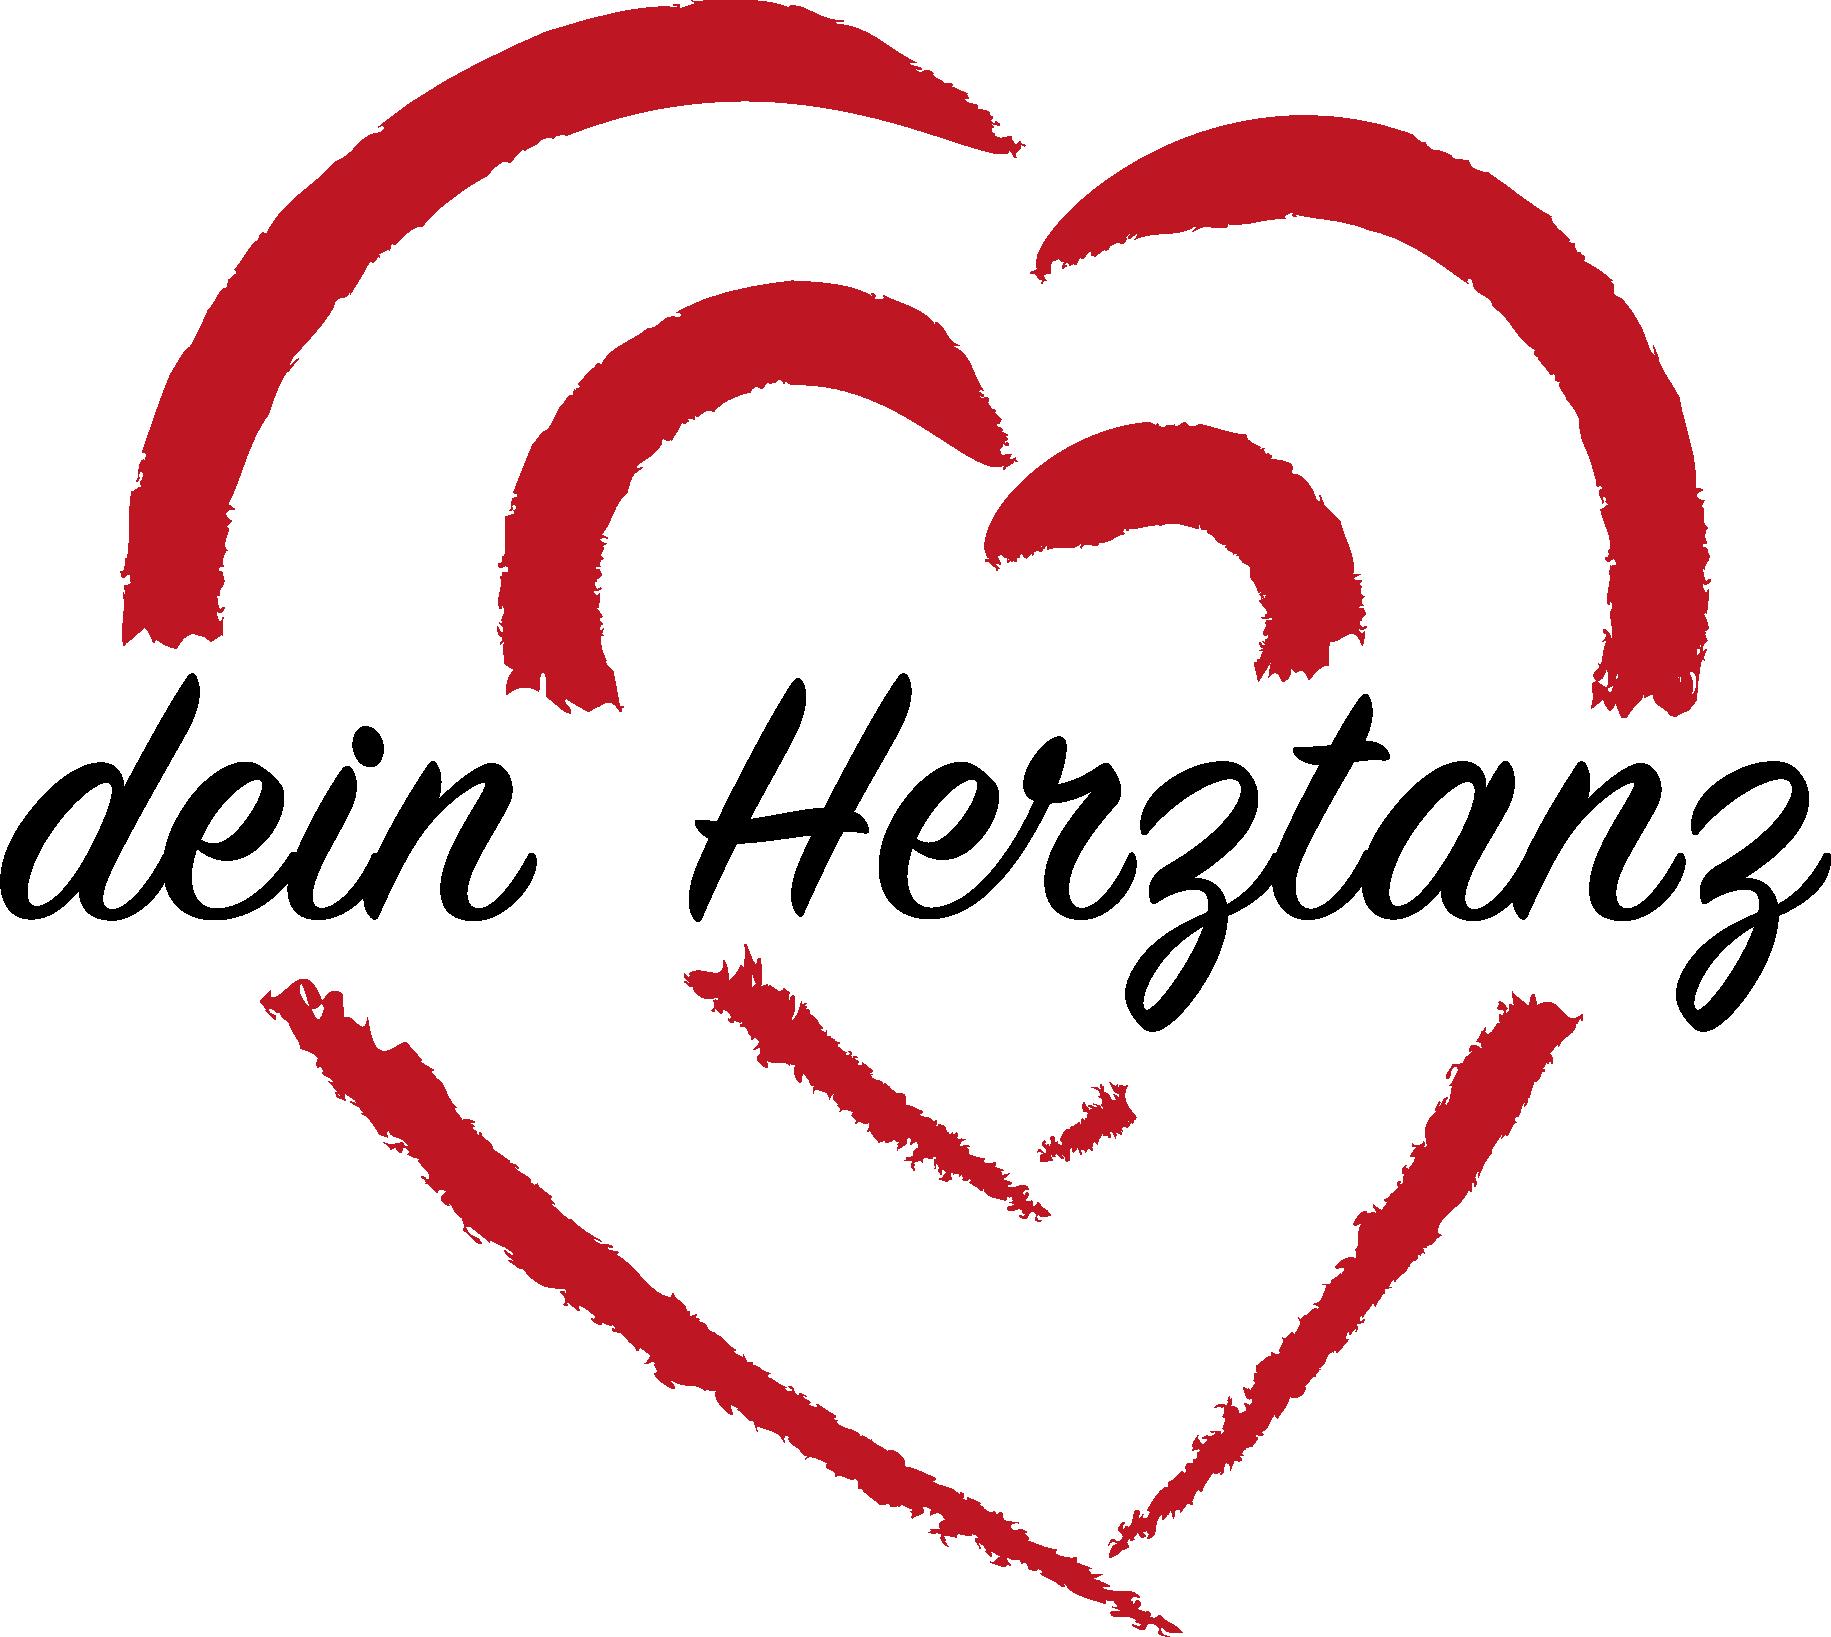 Dein Herztanz